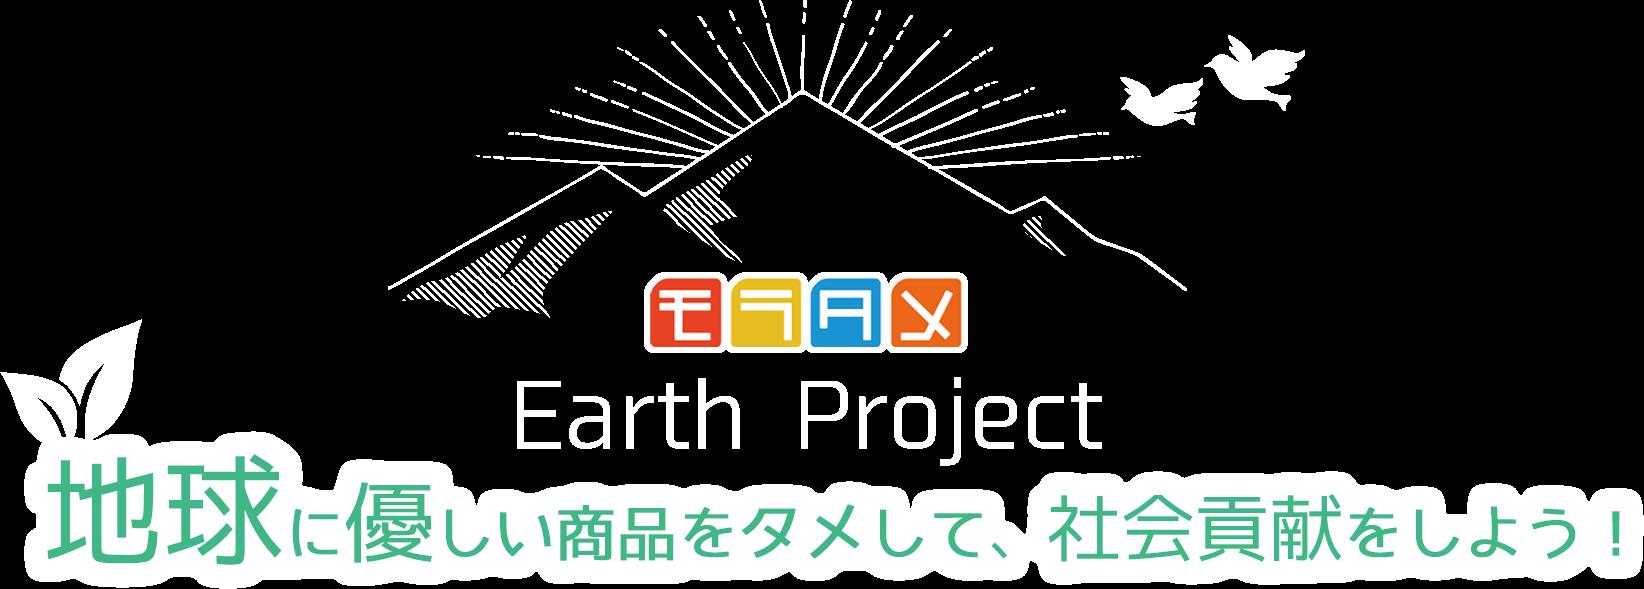 モラタメ Earth Project 地球に優しい商品をタメして、社会貢献をしよう!